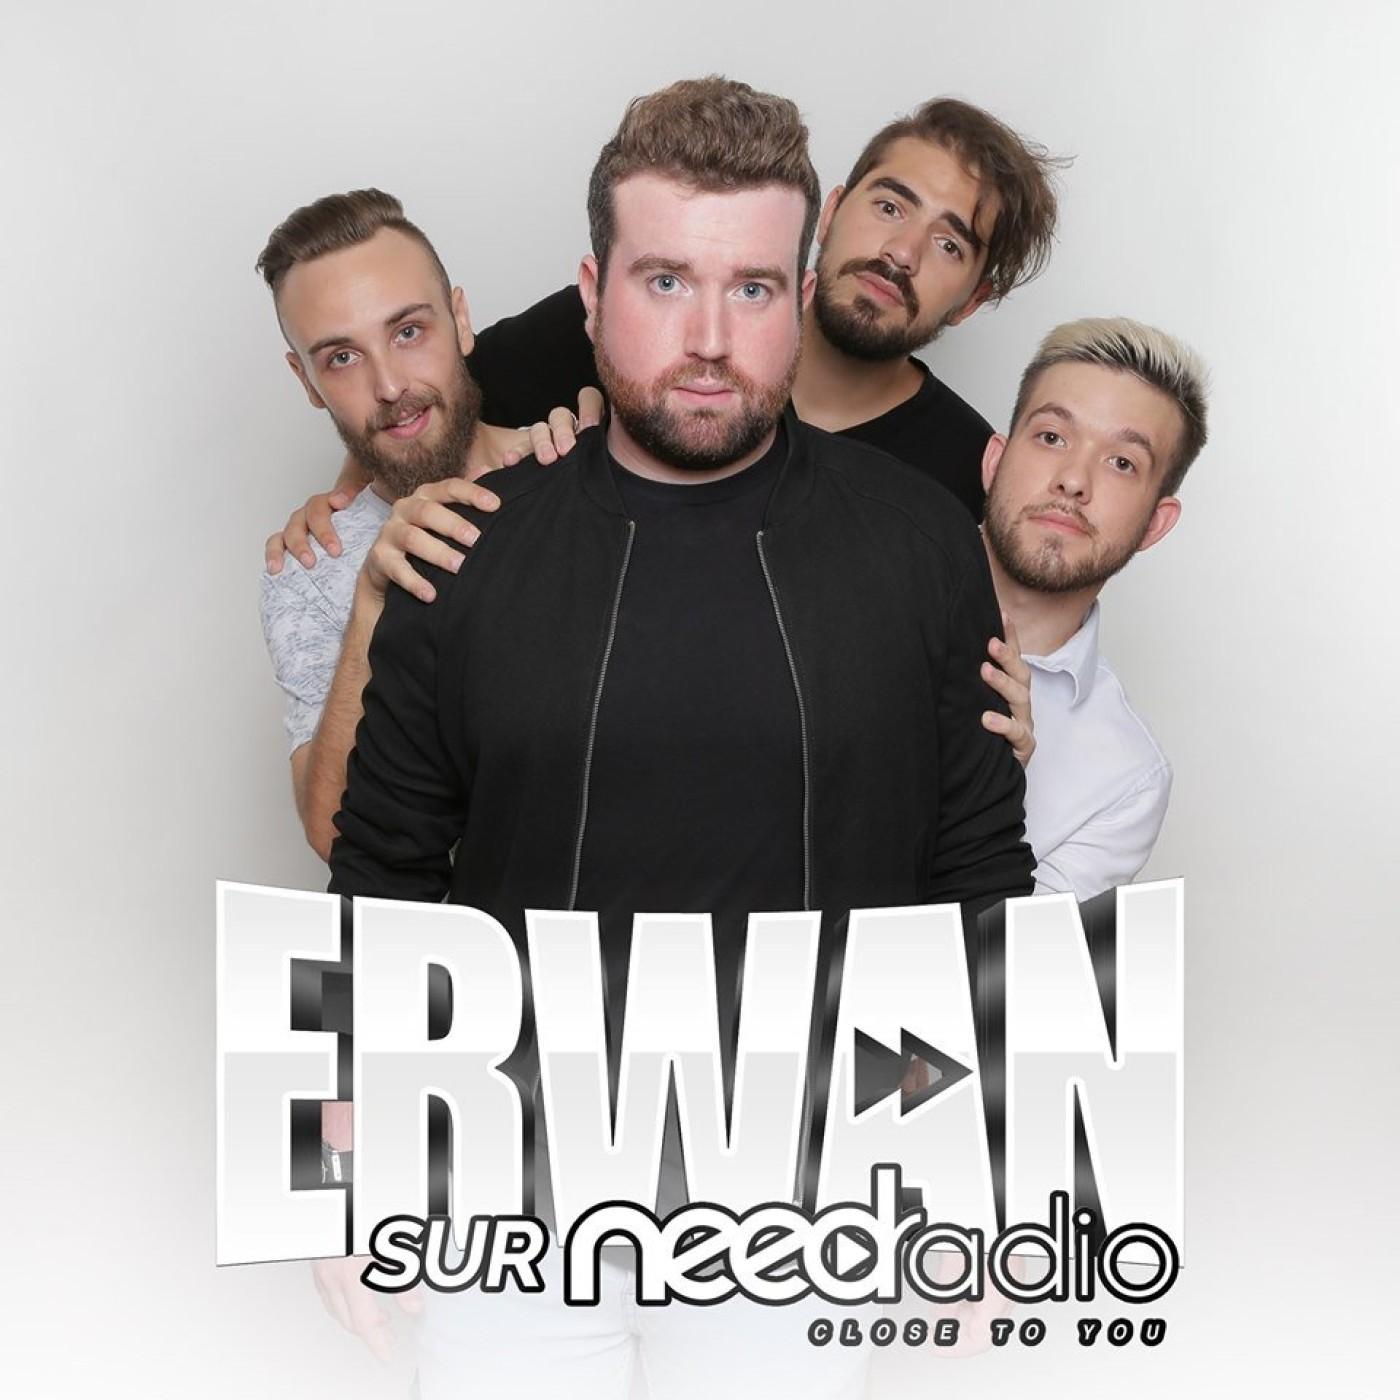 Erwan sur NEED Radio S2 #16 (09/02/20)